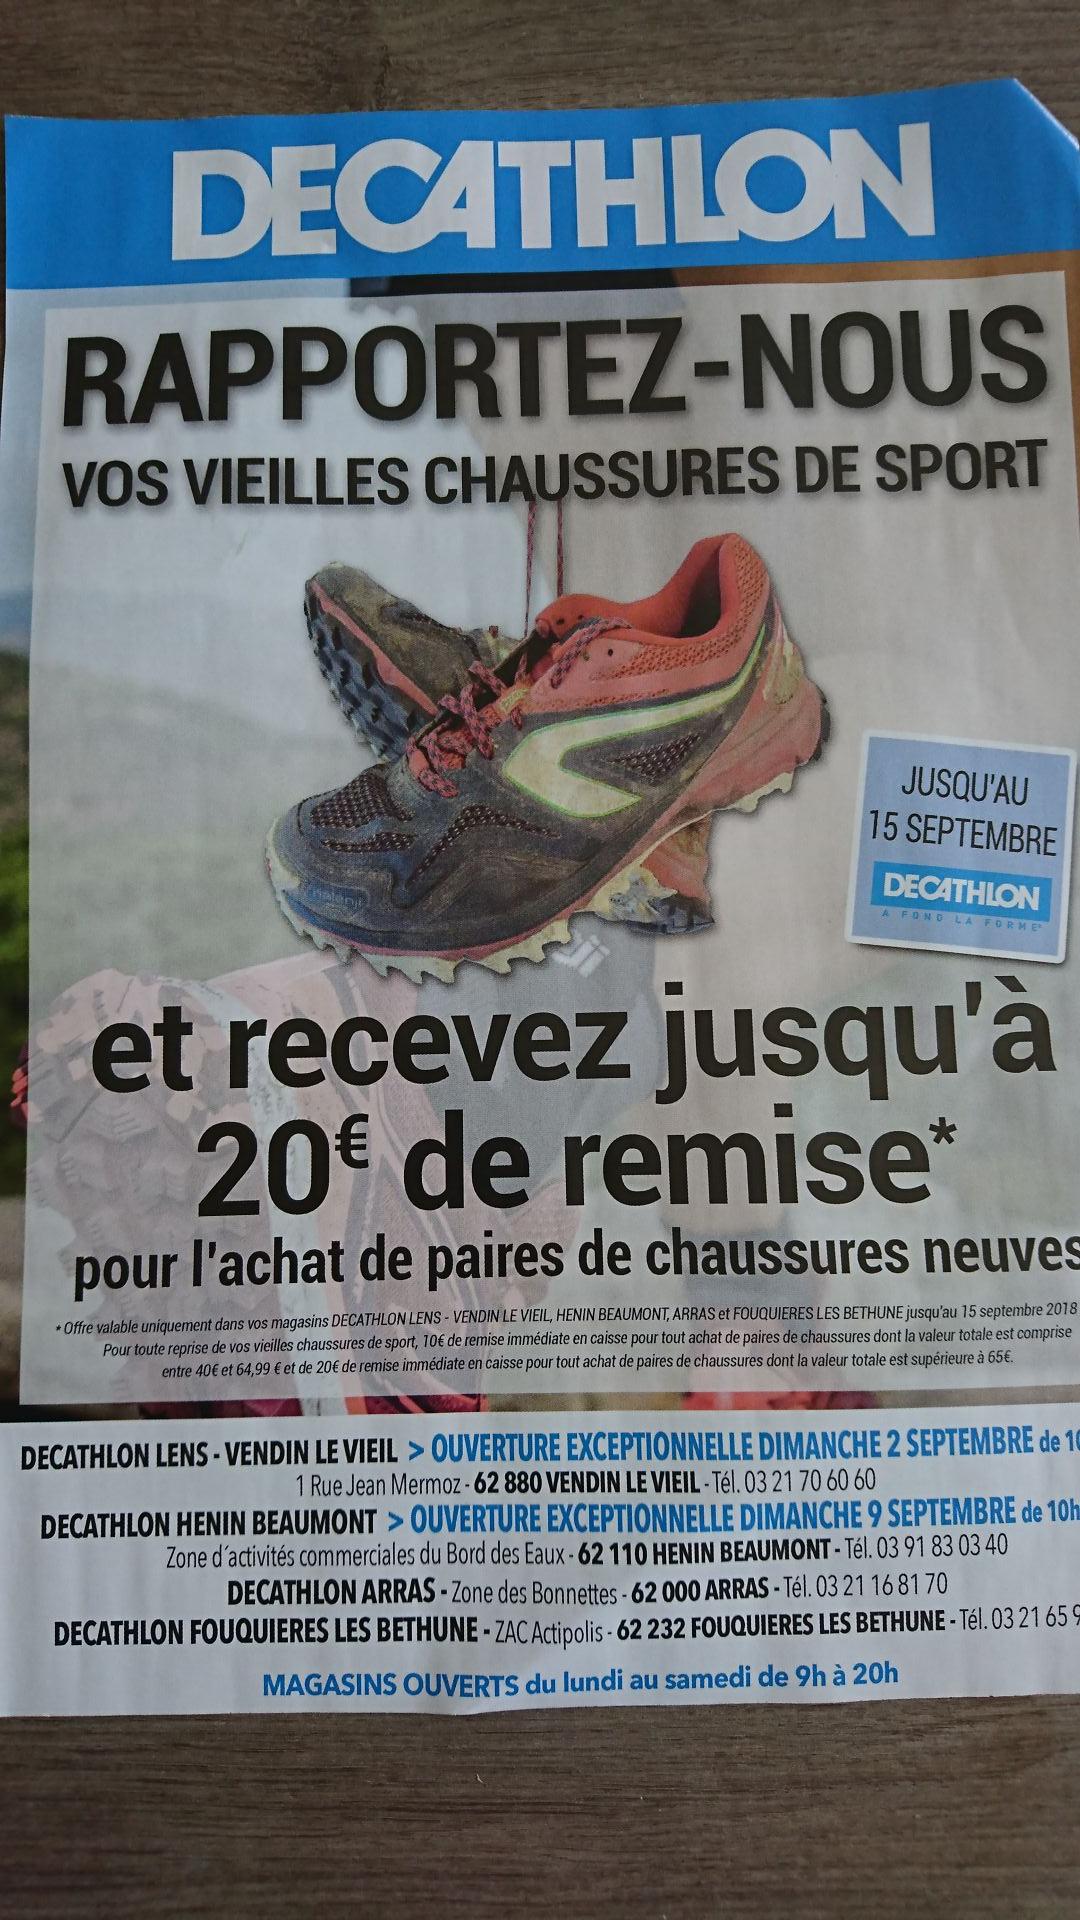 Un bon d'achat offert pour la reprise de vos vieilles chaussures a Decathlon - Région Pas de Calais (62)